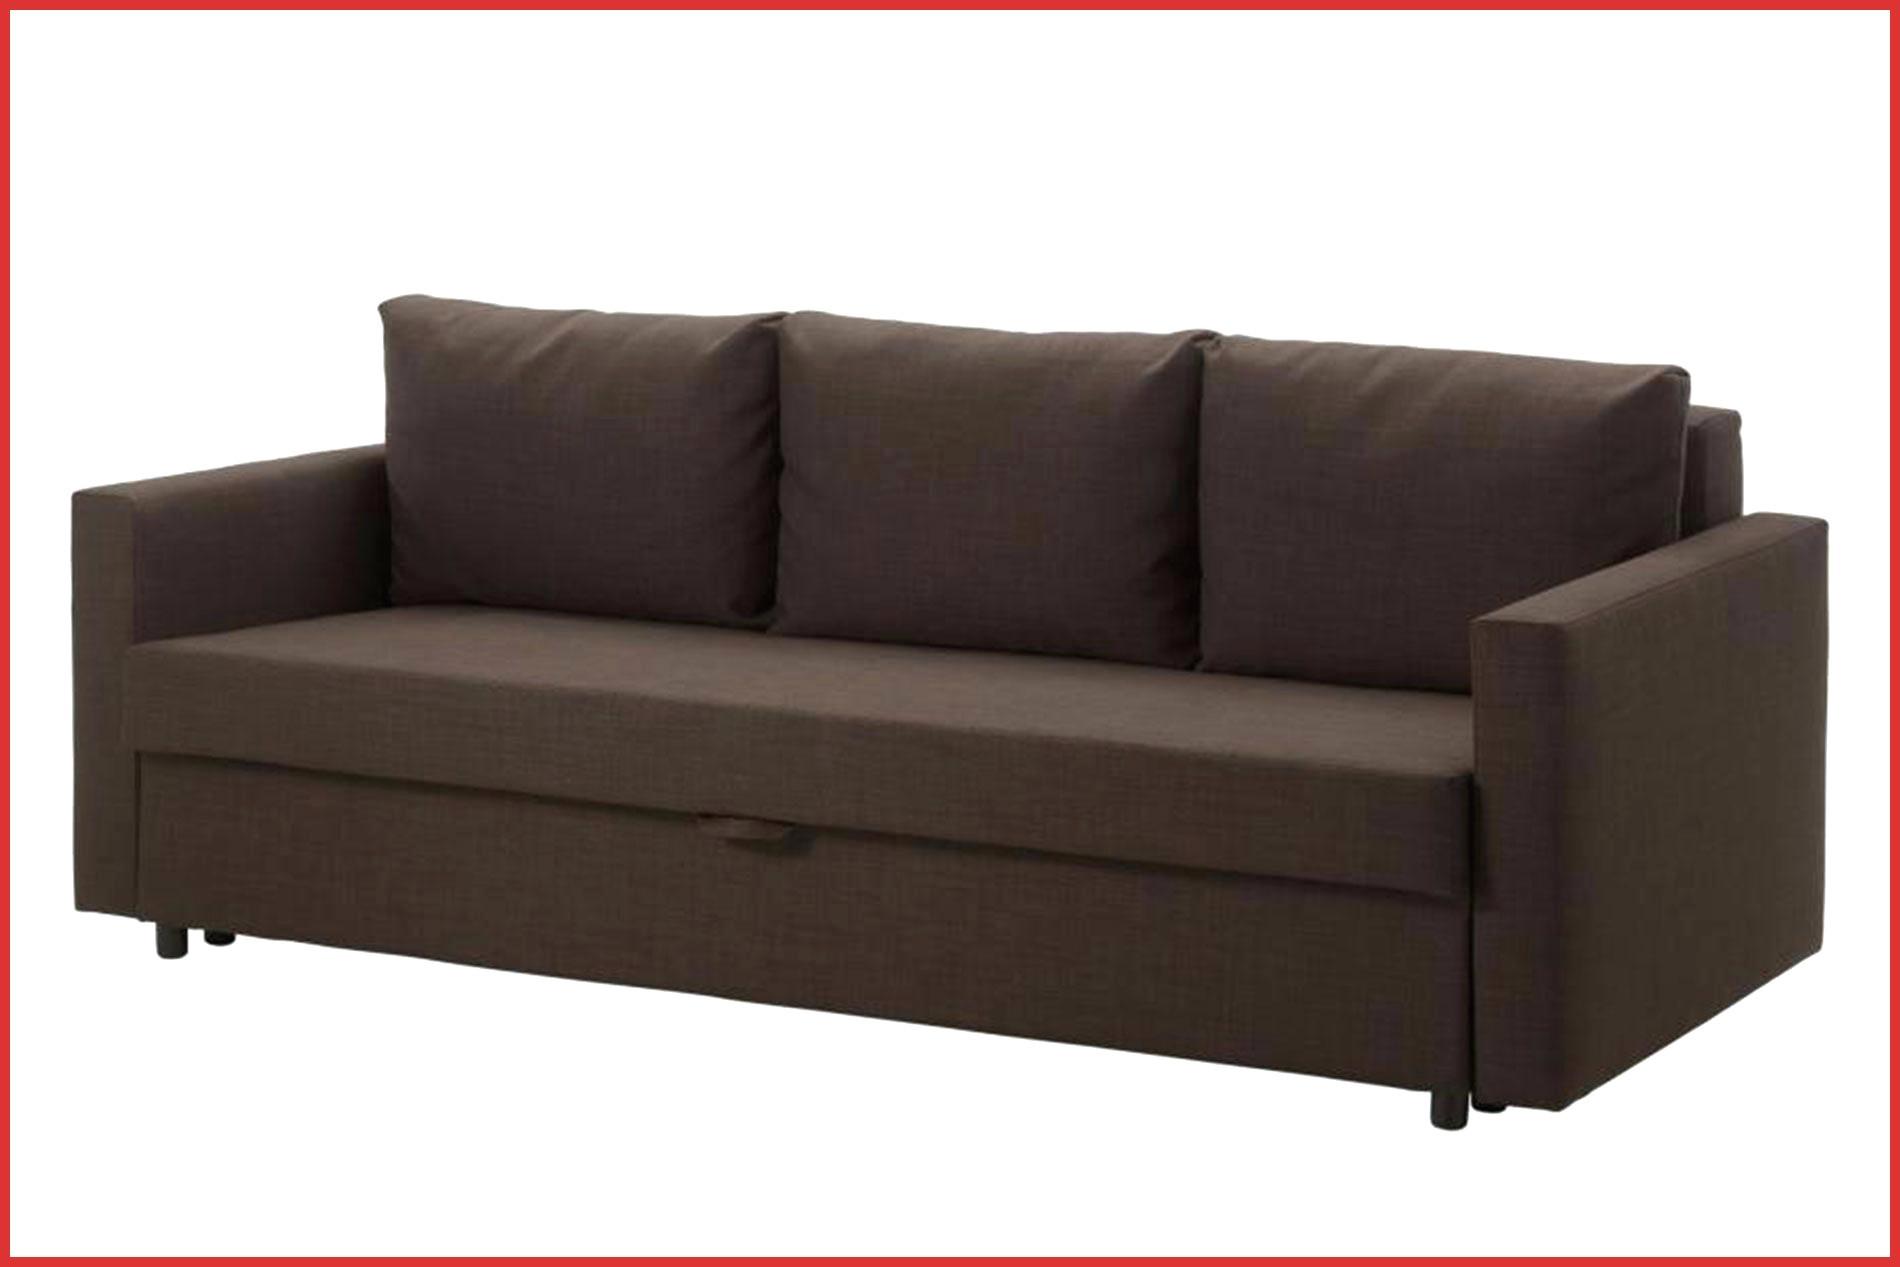 Ikea Canapé Modulable Meilleur De Galerie Bureau Canap 3 Places Convertible 1 Canap 3 Places Convertible